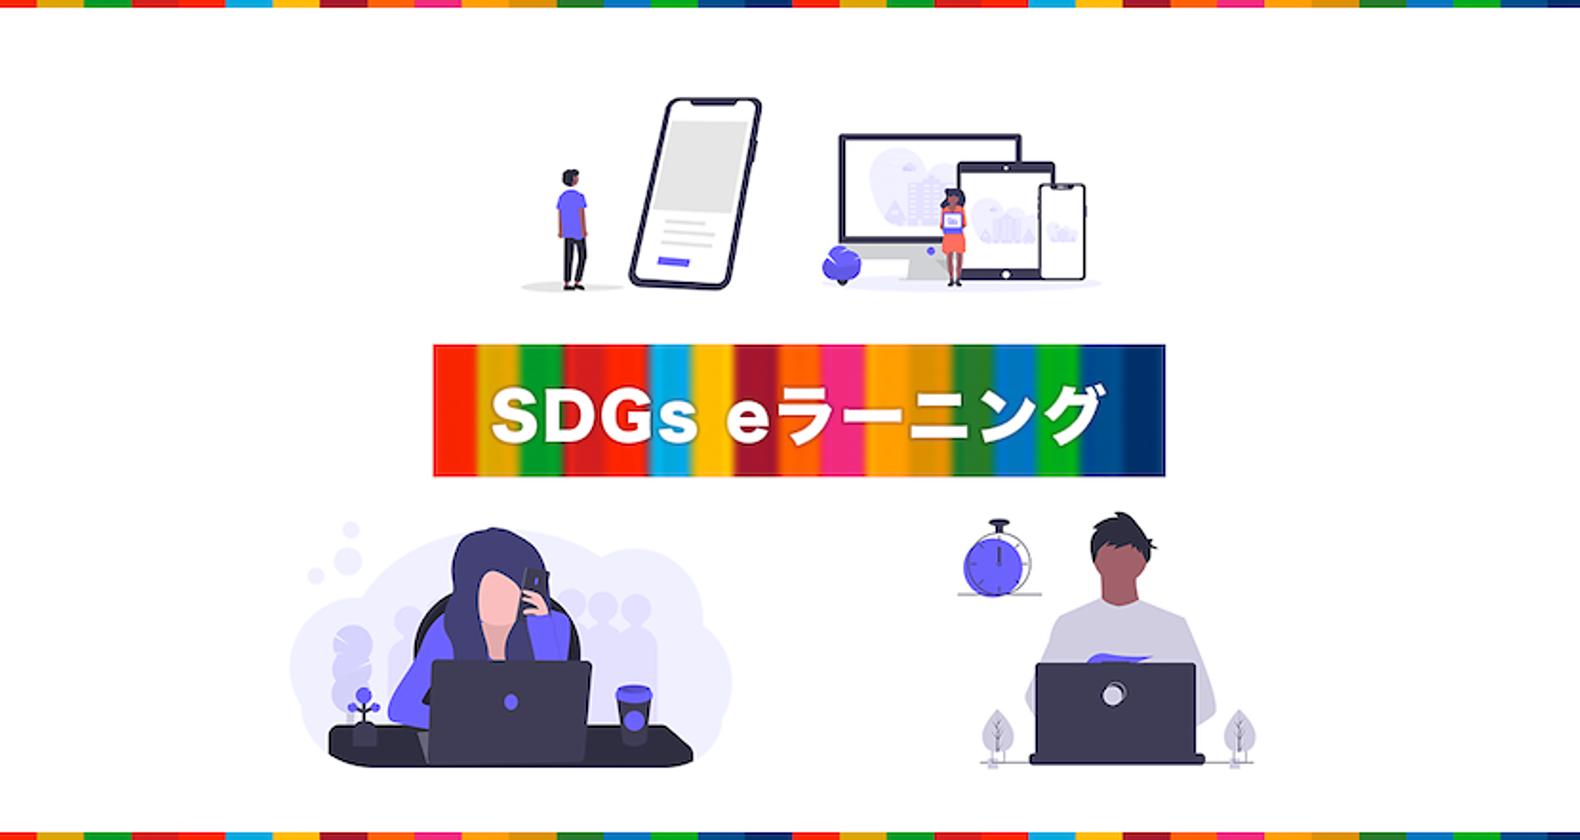 [サービス紹介]SDGs eラーニング マイペースで学べる社員研修サービスをリリースの画像